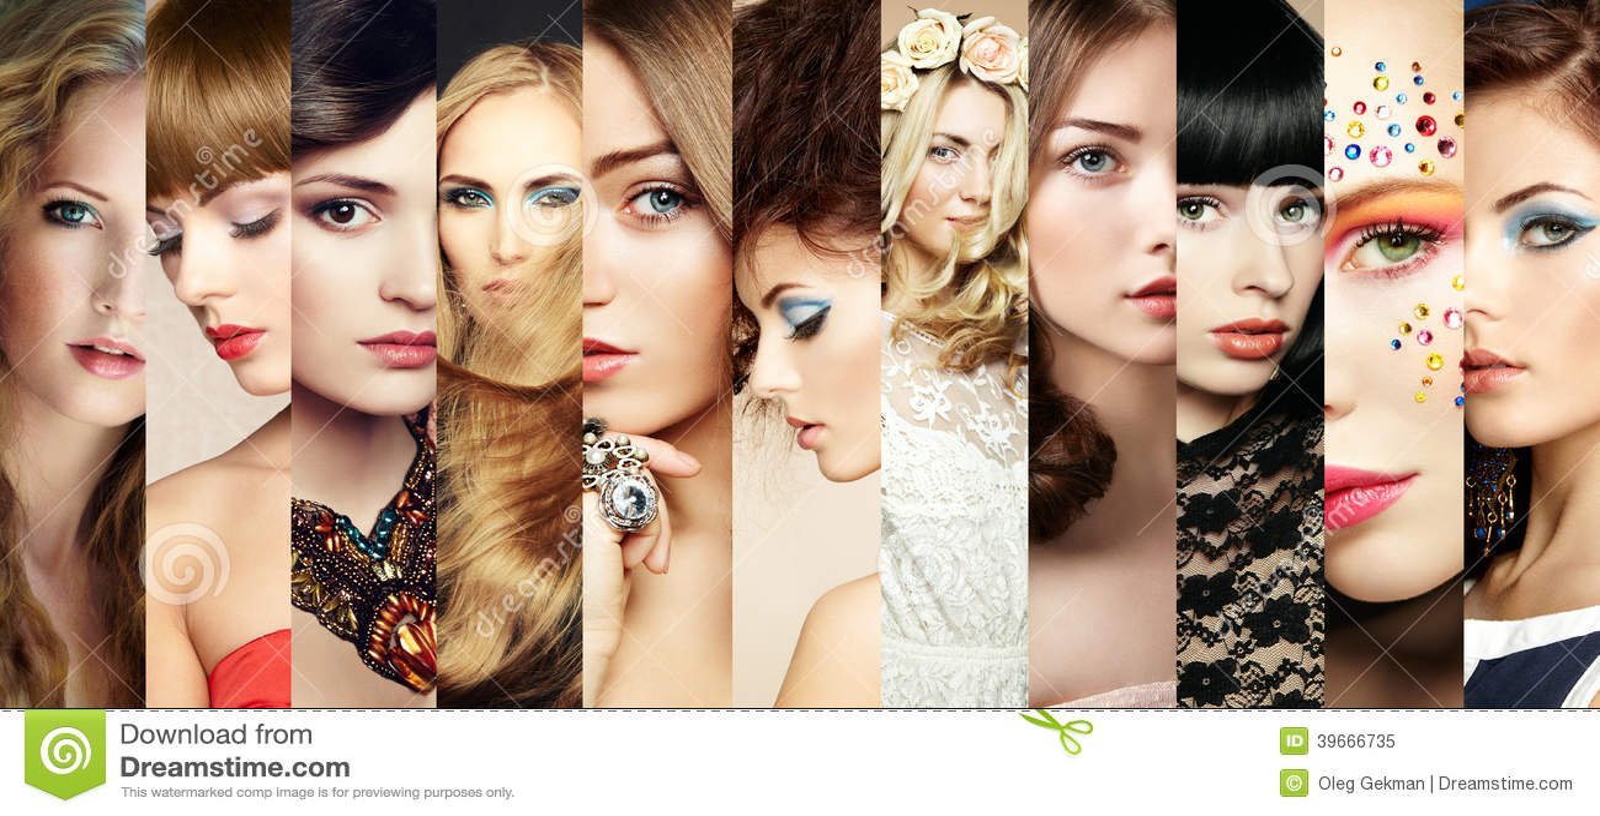 Collage de la belleza. Caras de mujeres